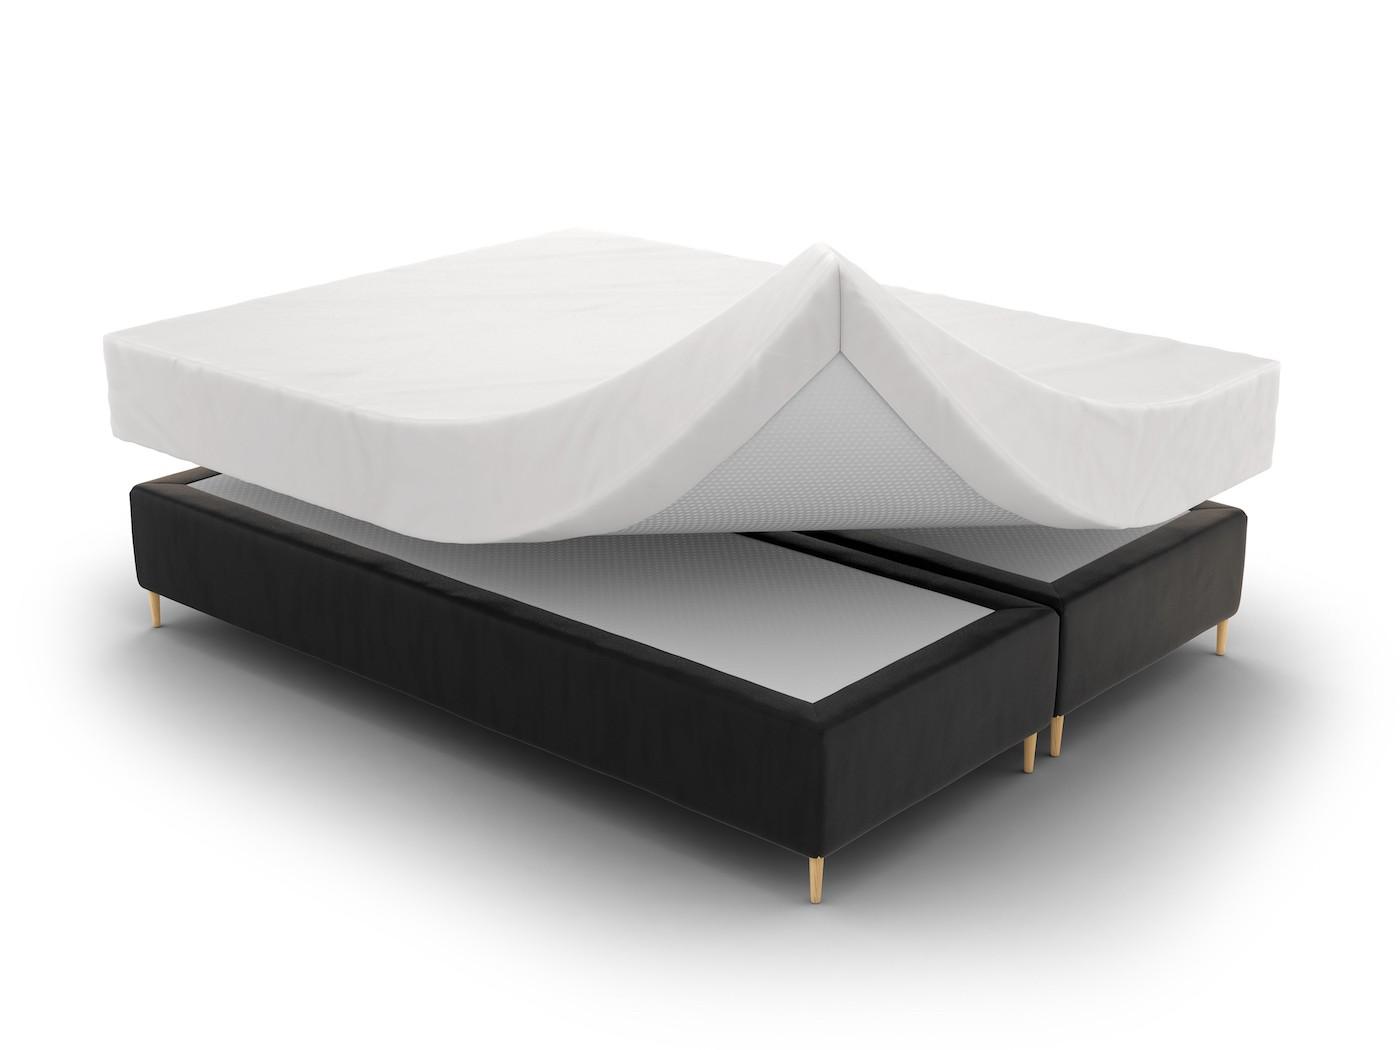 Køb BN Faconlagen - Hvid - 180x210x6